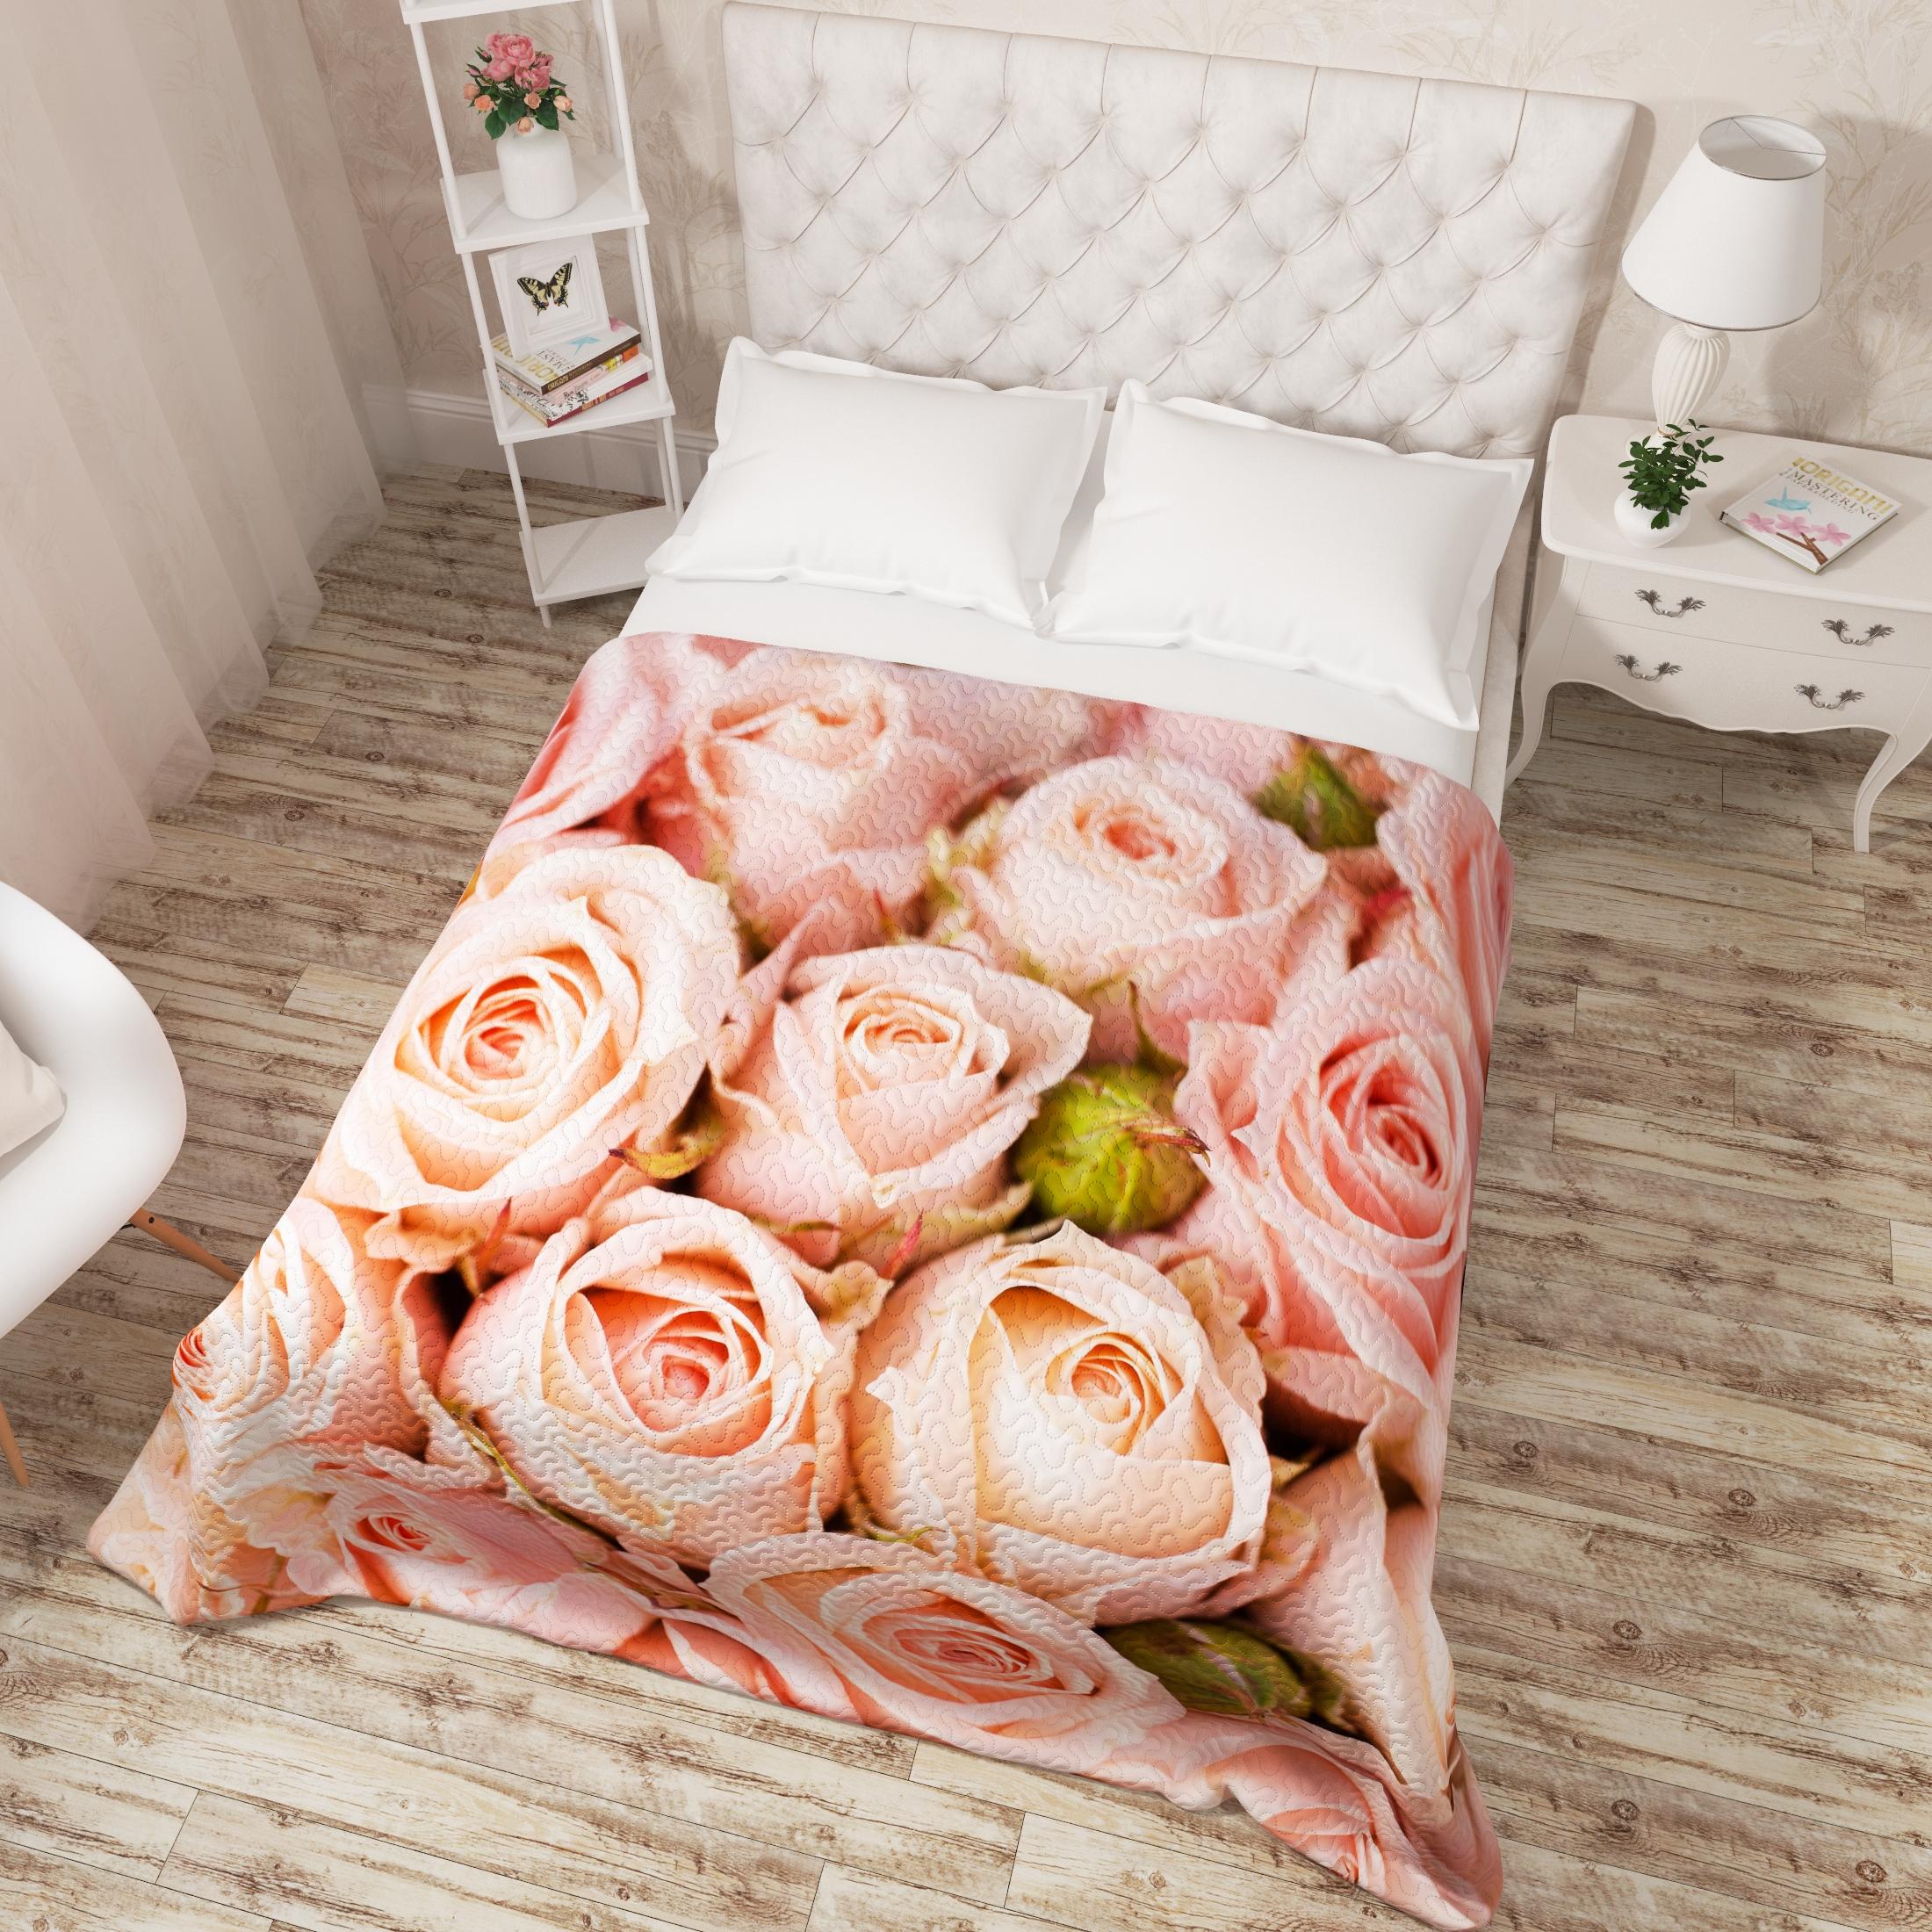 Купить Пледы и покрывала Сирень, Покрывало Молодые Розы (200х220 см), Россия, Персиковый, Розовый, Микрофибра